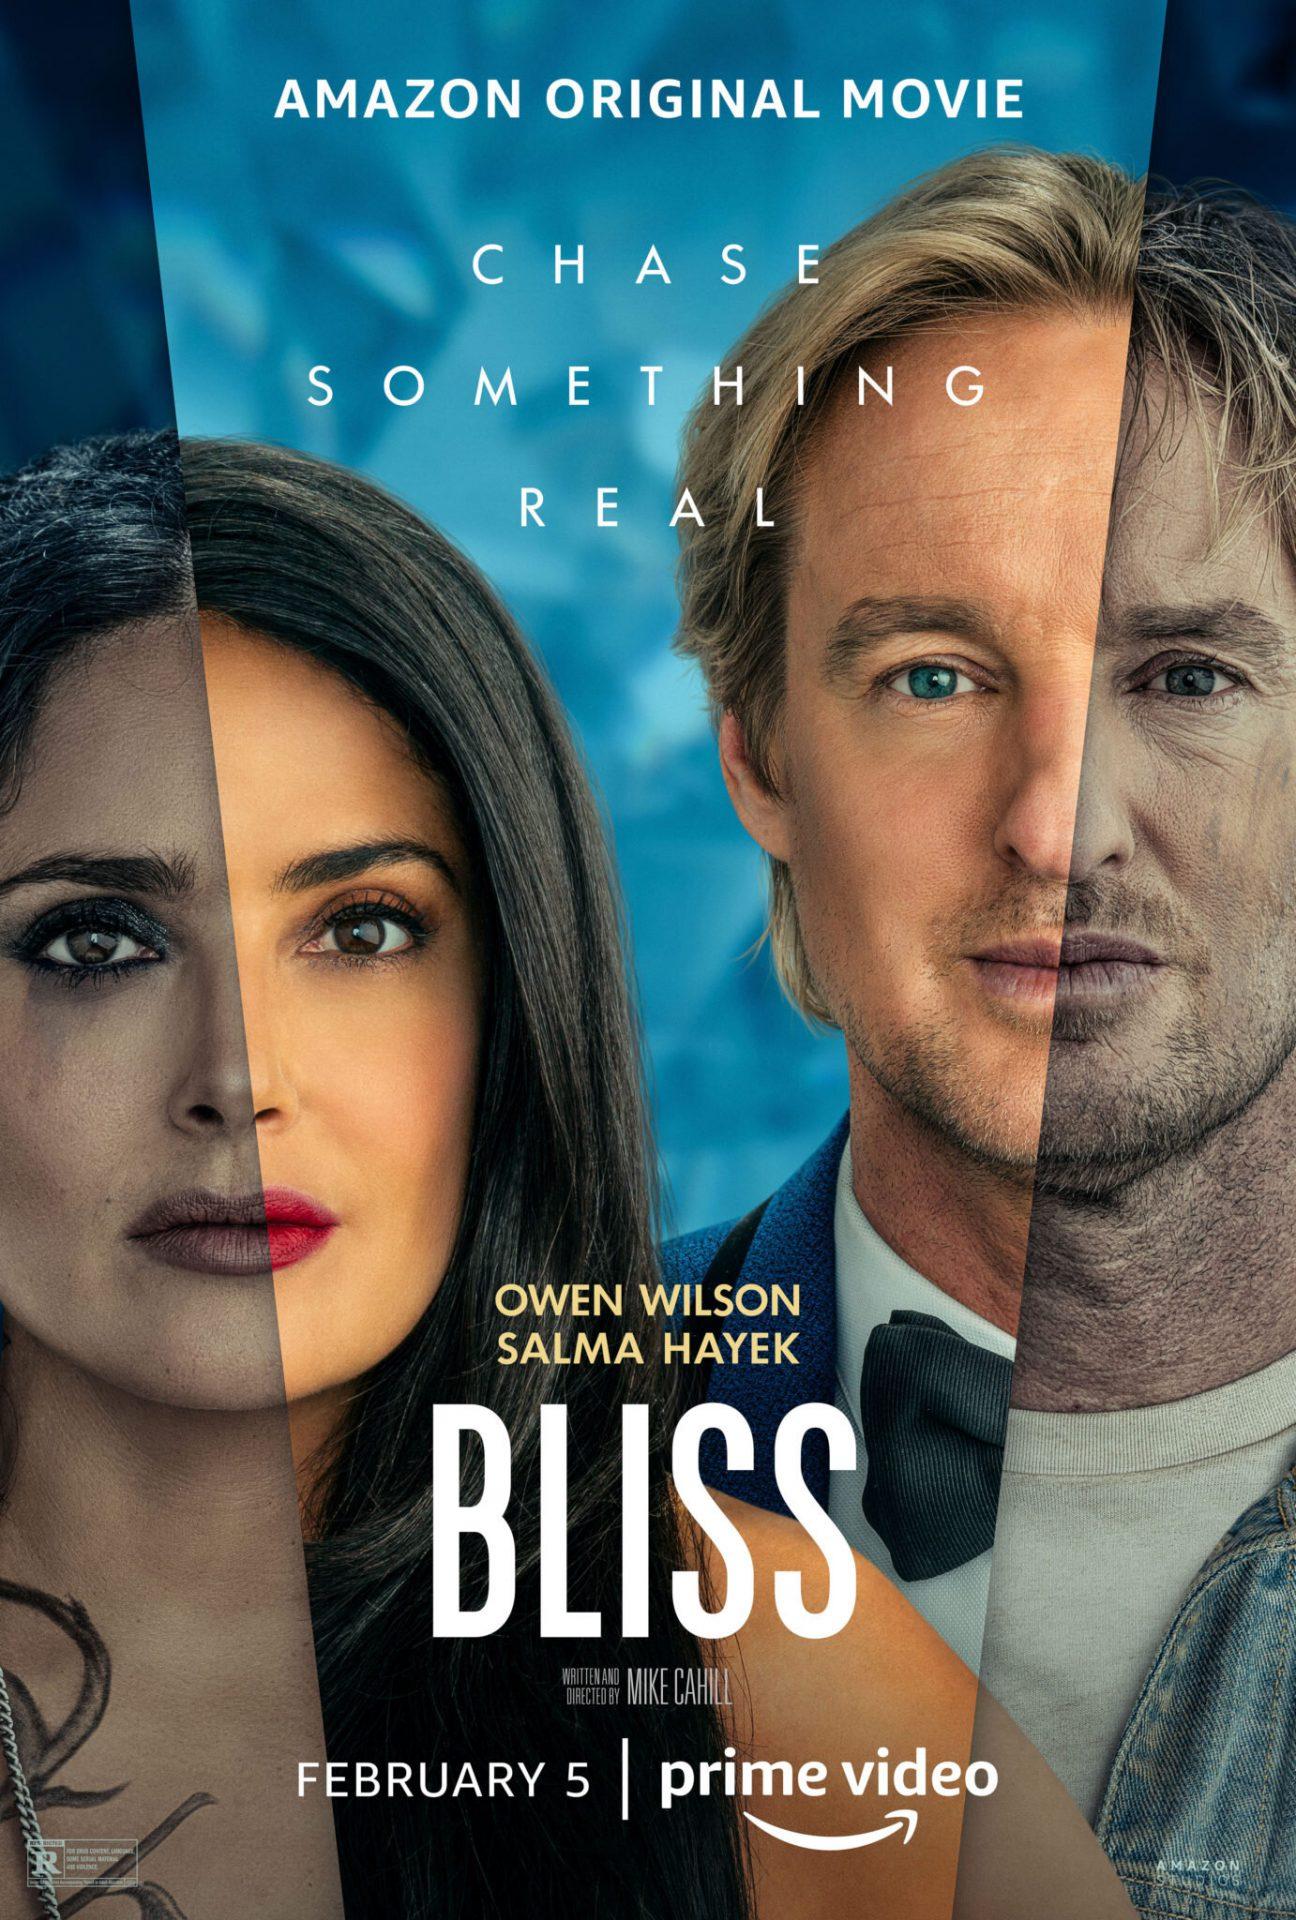 bliss com owen wilson e salma hayeks na amazon prime video - BLISS   Owen Wilson e Salma Hayek questionando a realidade em filme de ficção científica da Amazon Prime Video